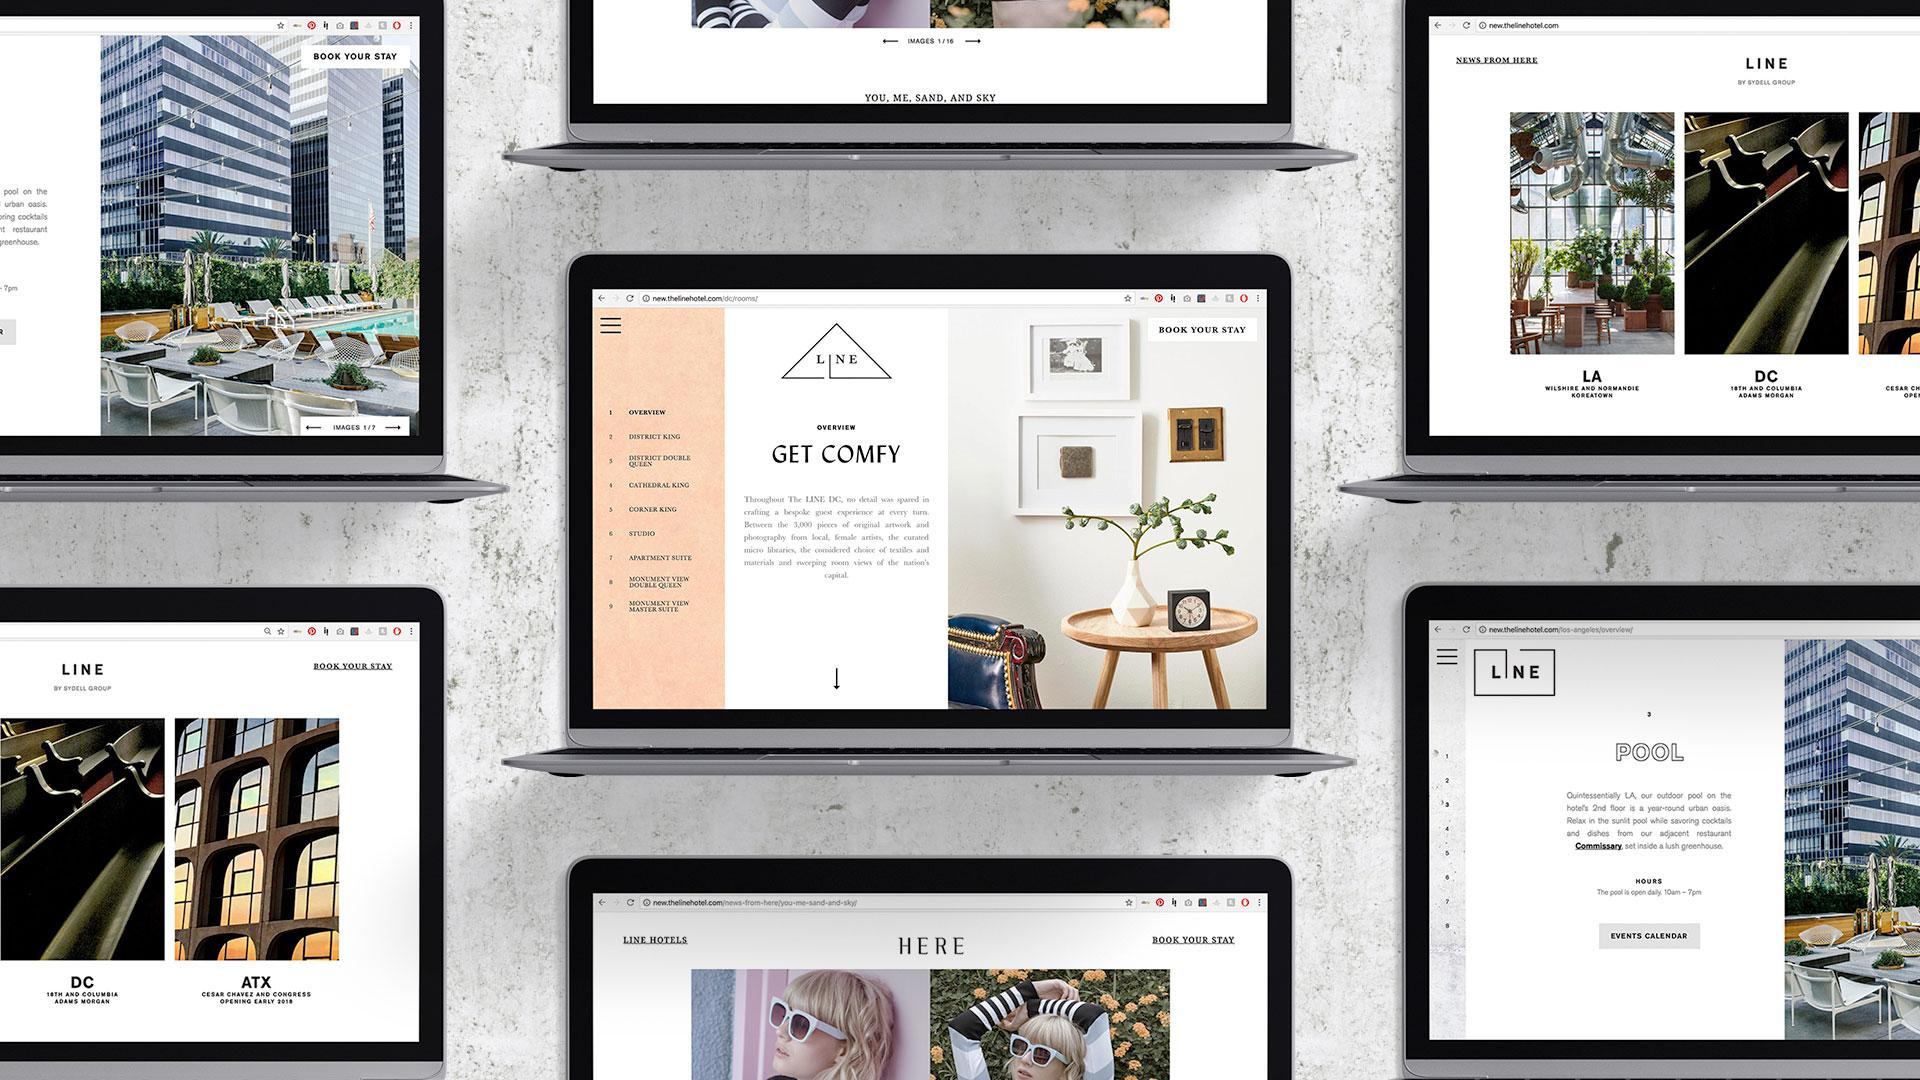 The Line Hotel Desktop Website